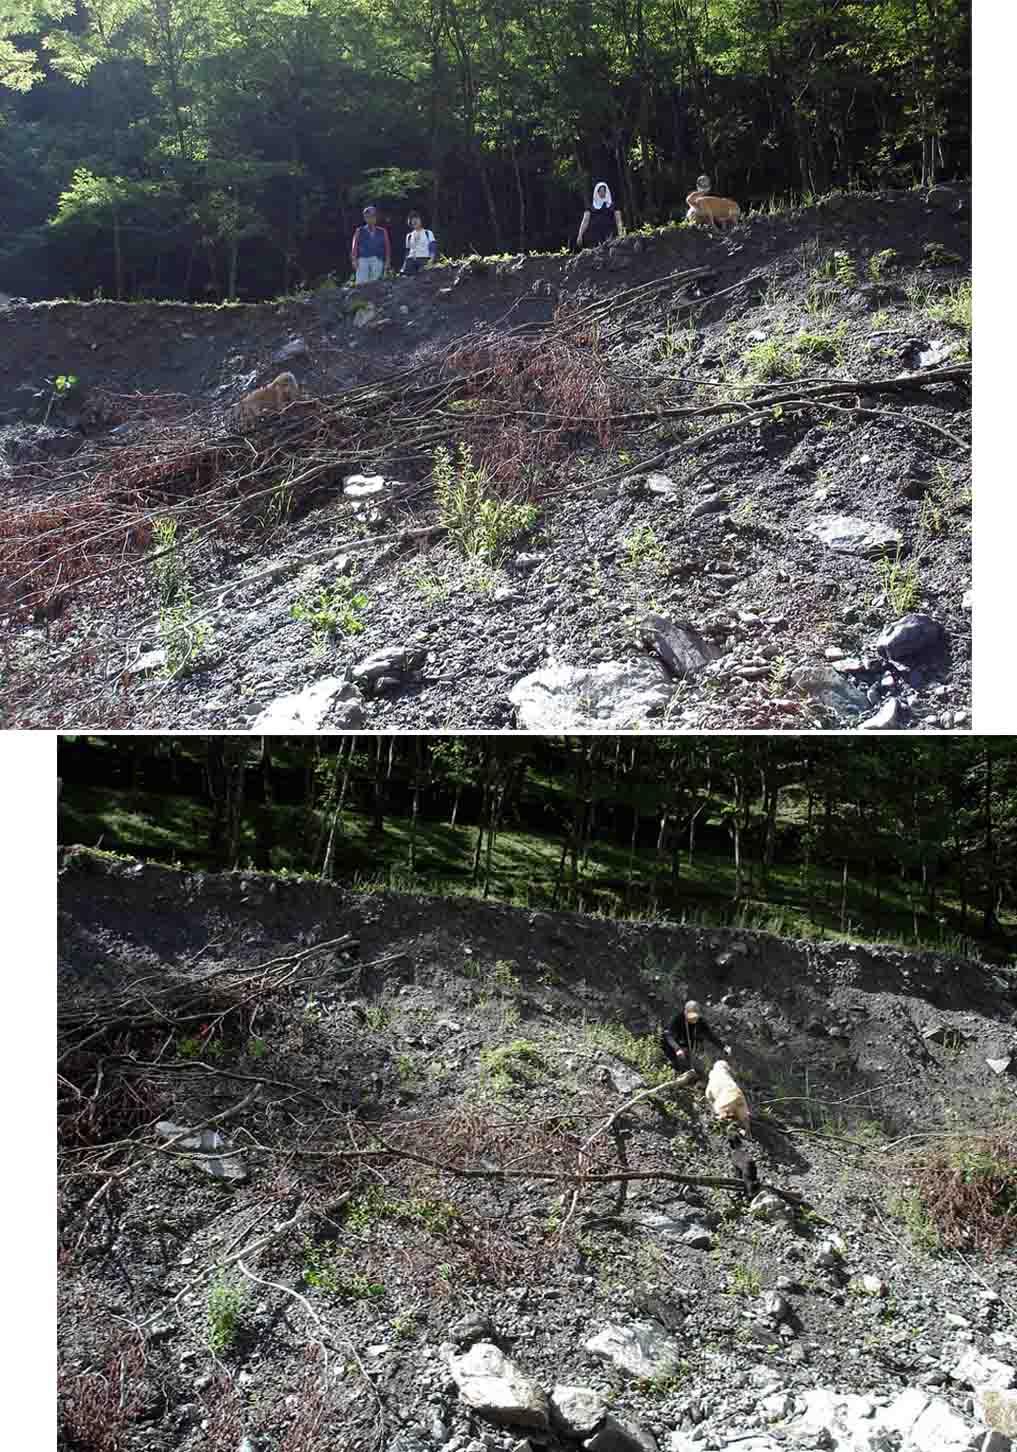 三峰川林道⑧ 未体験ゾーン(崖を降りたり登ったり)